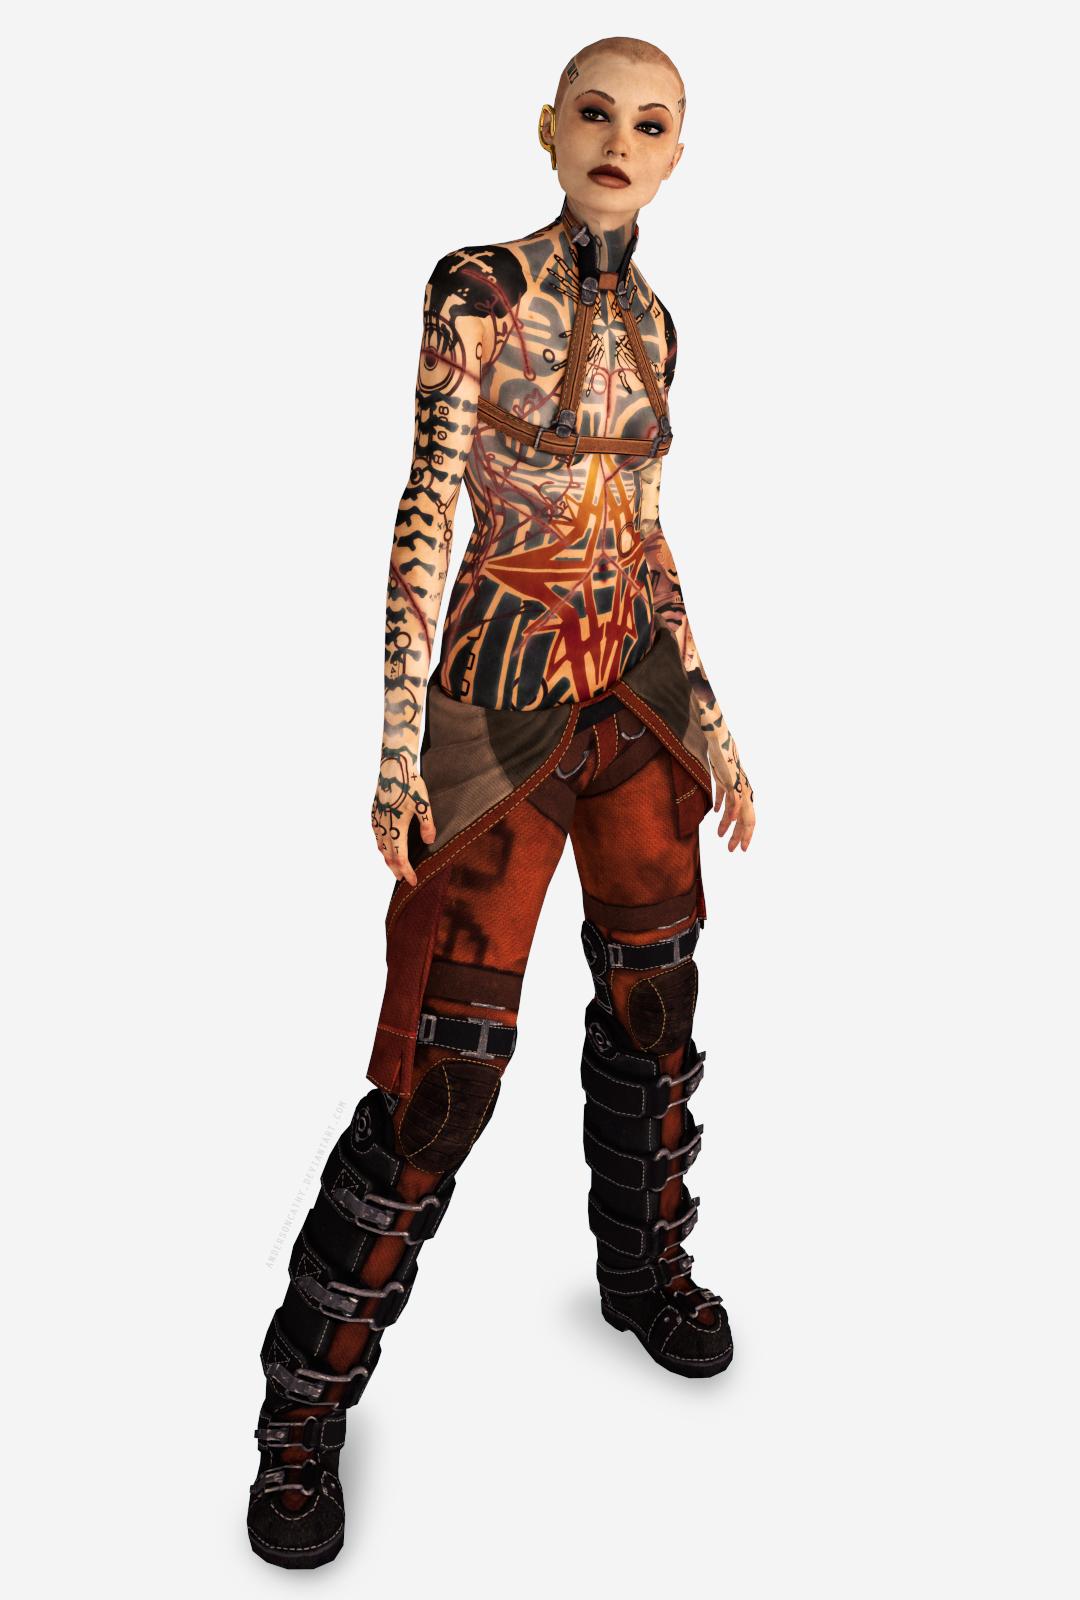 2 - Top 3 female characters from Video Games that should be made D5jj742-3d3bc408-25c6-44f6-804e-80cabe019686.png?token=eyJ0eXAiOiJKV1QiLCJhbGciOiJIUzI1NiJ9.eyJzdWIiOiJ1cm46YXBwOiIsImlzcyI6InVybjphcHA6Iiwib2JqIjpbW3sicGF0aCI6IlwvZlwvNzZhNmVlODgtMWExNi00YzI1LTlhNDgtYTY5Mzc0NTJmMTUyXC9kNWpqNzQyLTNkM2JjNDA4LTI1YzYtNDRmNi04MDRlLTgwY2FiZTAxOTY4Ni5wbmcifV1dLCJhdWQiOlsidXJuOnNlcnZpY2U6ZmlsZS5kb3dubG9hZCJdfQ